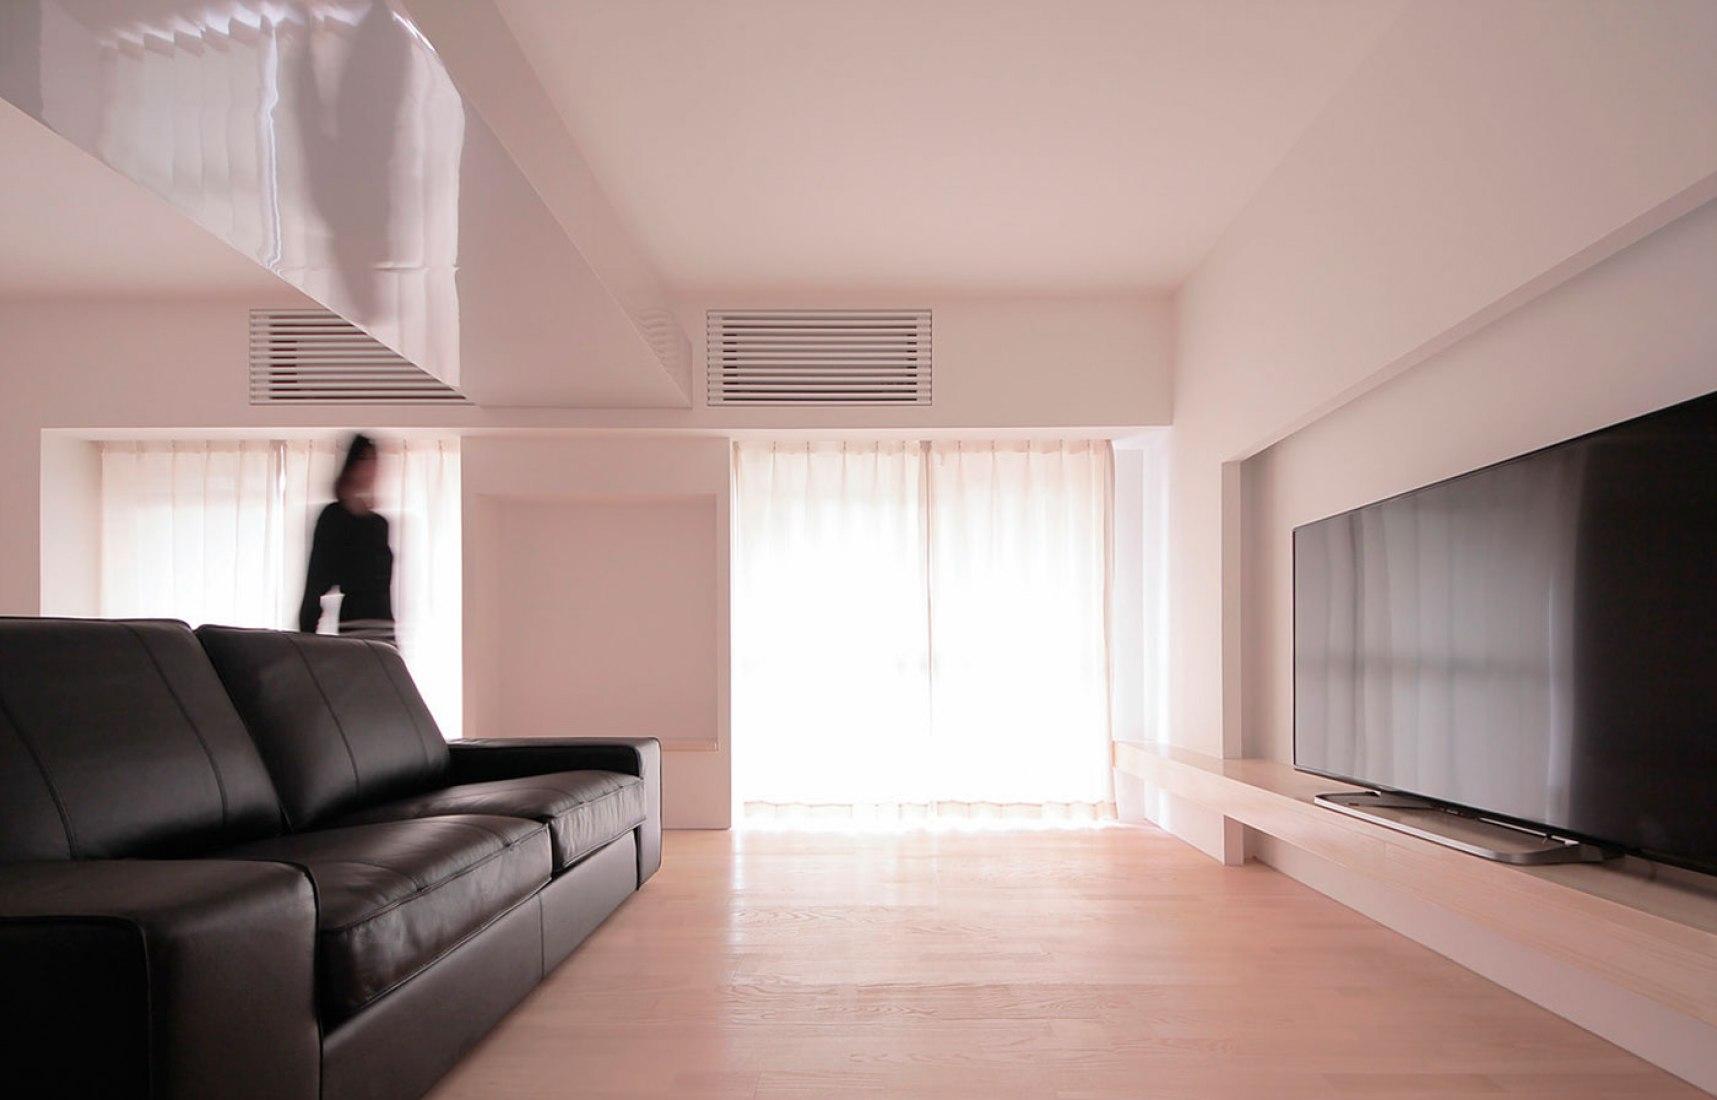 Sala de estar. Apartamento 911 por Jun Murata. Imagen © Jun Murata.